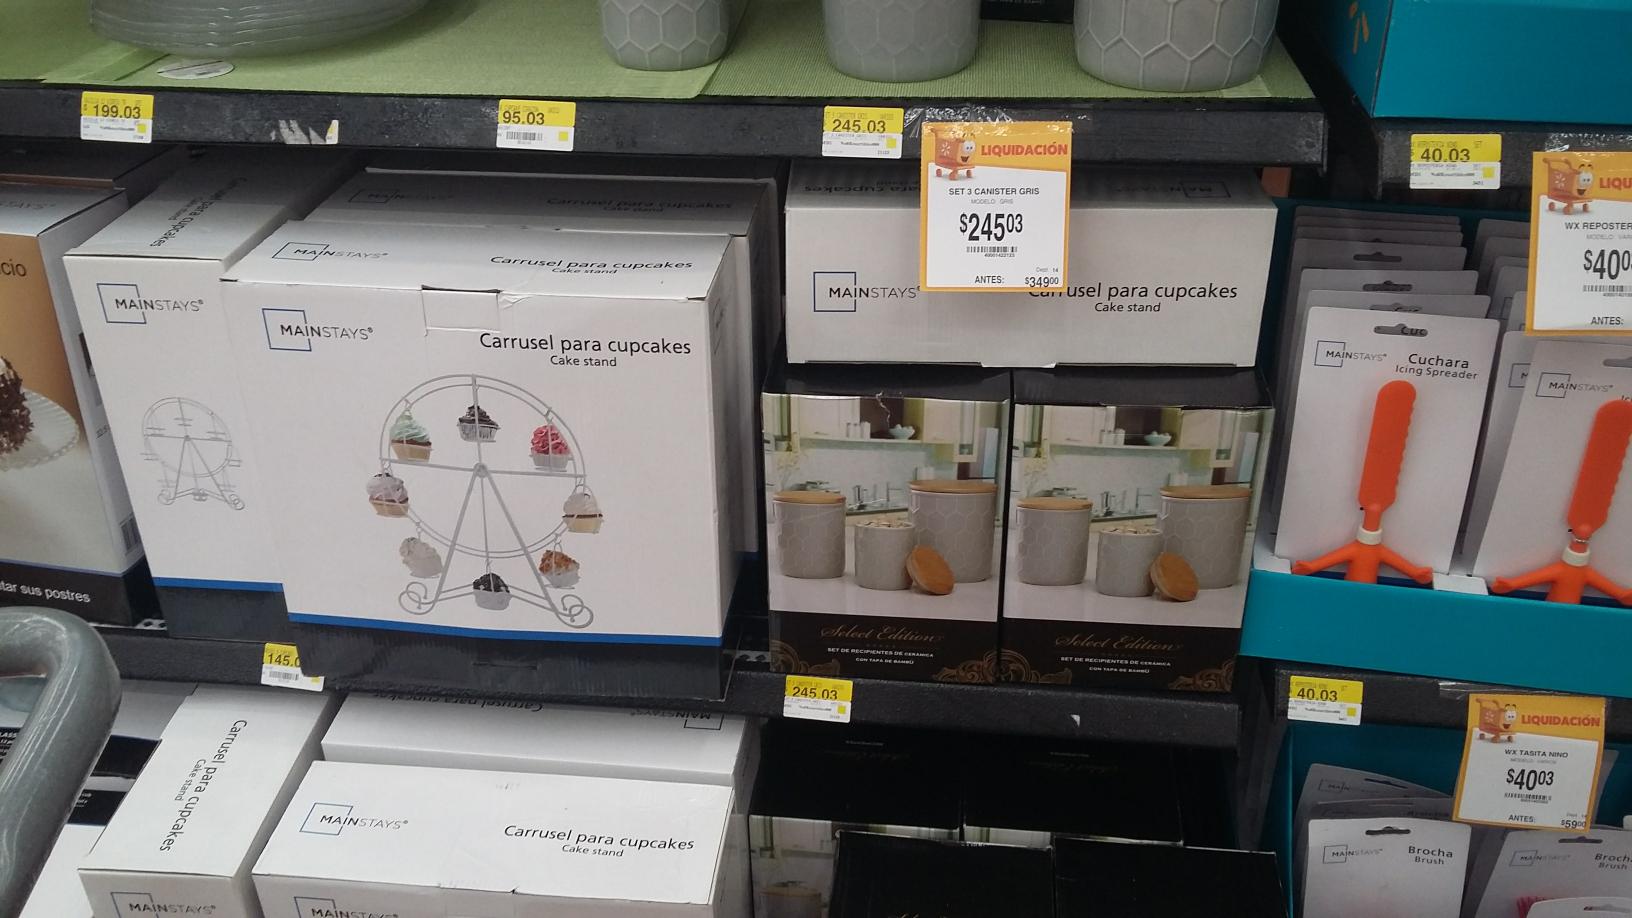 Walmart nativitas varias liquidaciones. Accesorios para reposteria Mainstays $40.03